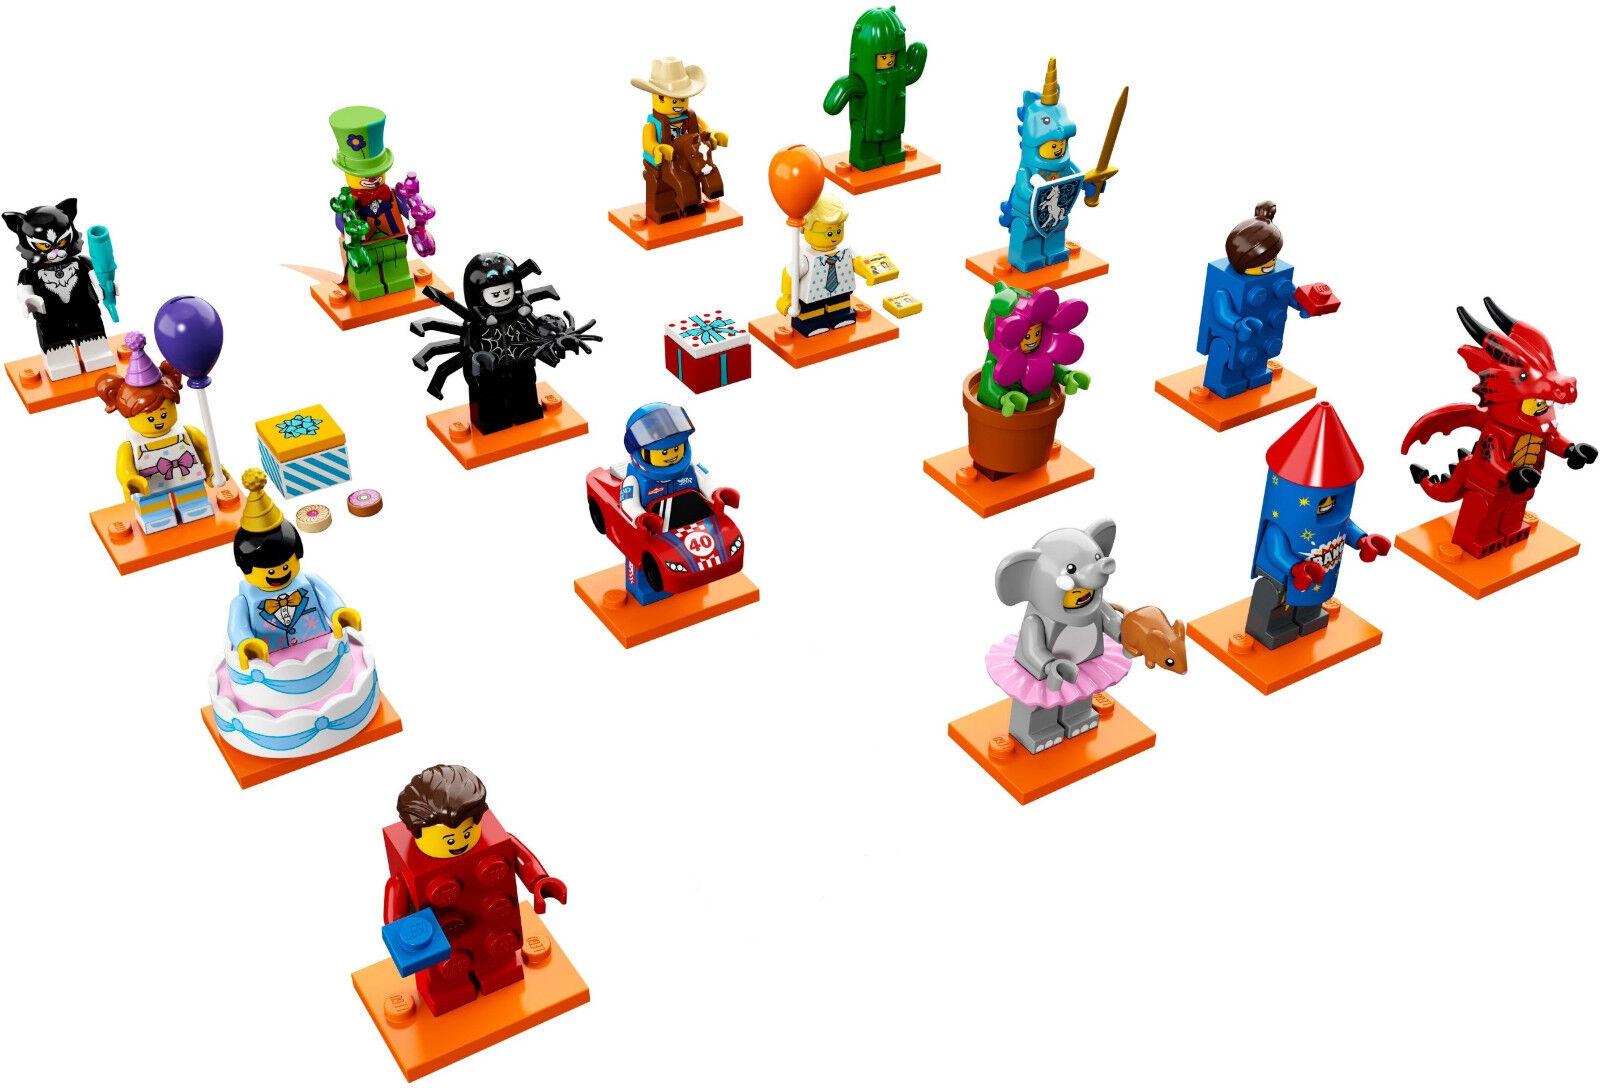 LEGO 71021 Minifigures 18 - MINIFIGURE Serie COMPLETA Lego Minifigures serie 18